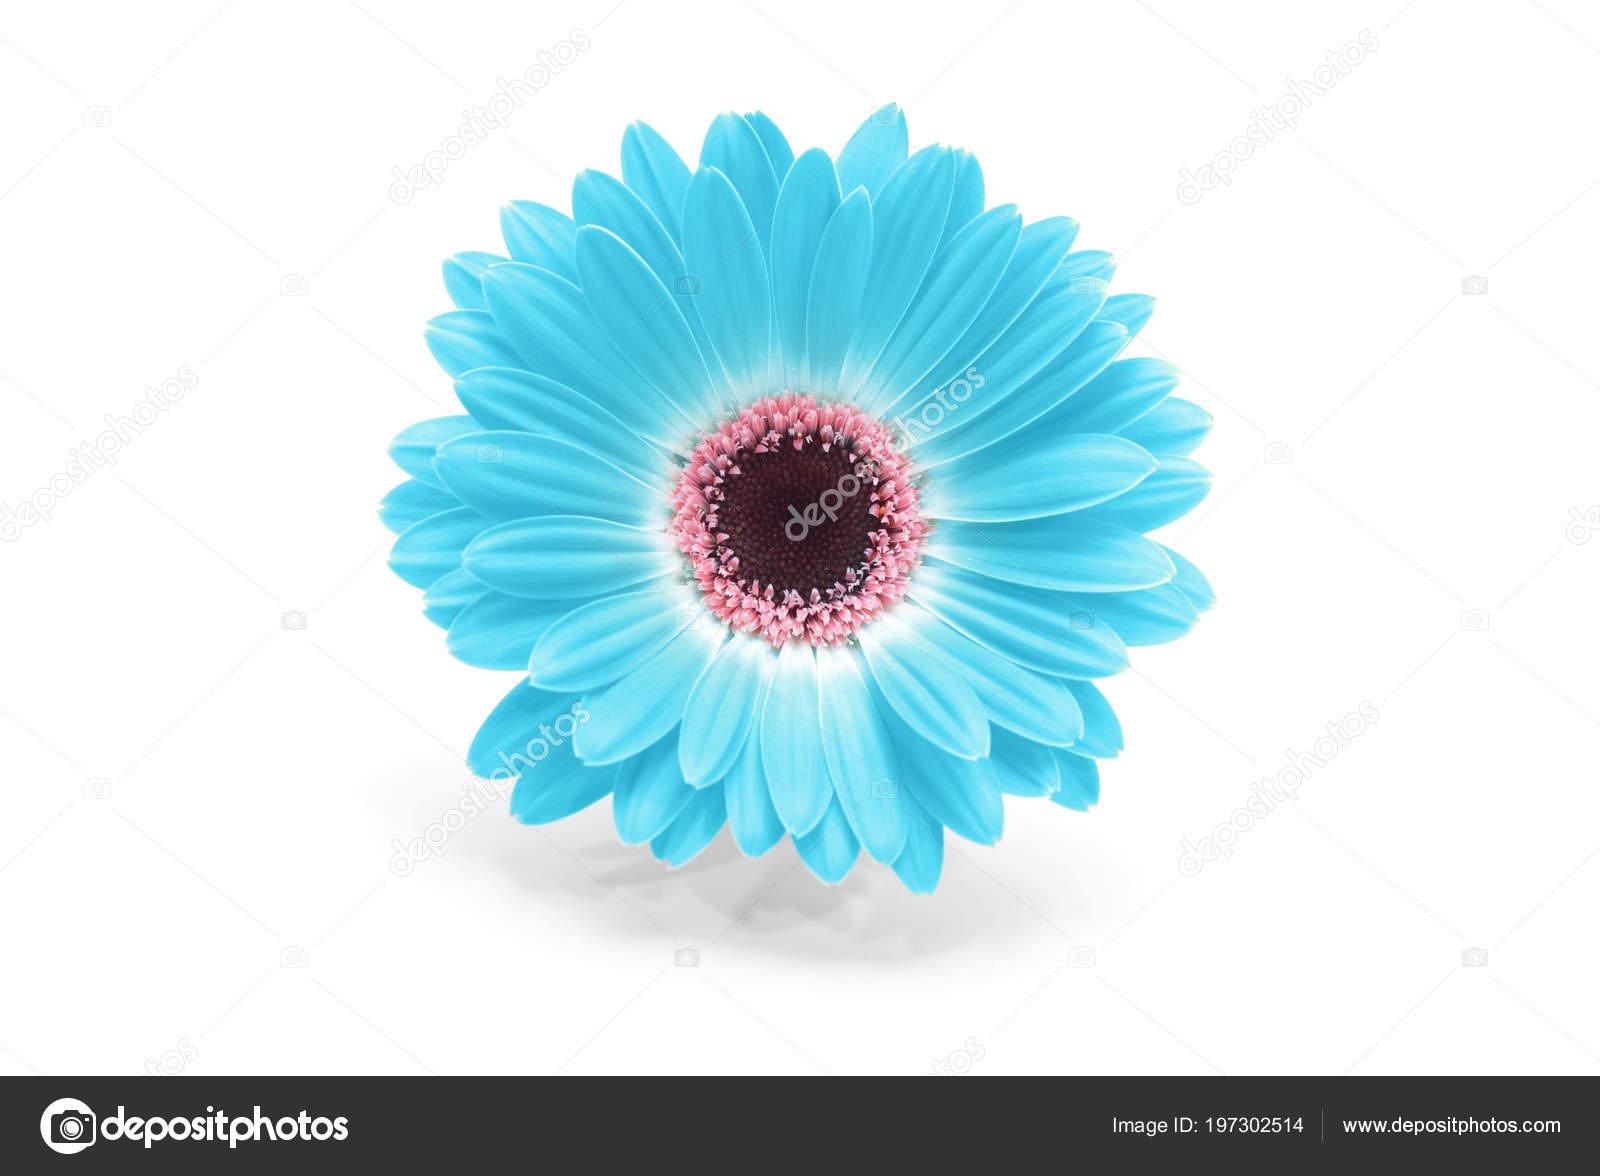 Fleur Gerbera Bleu Isole Photographie Tihon6 C 197302514